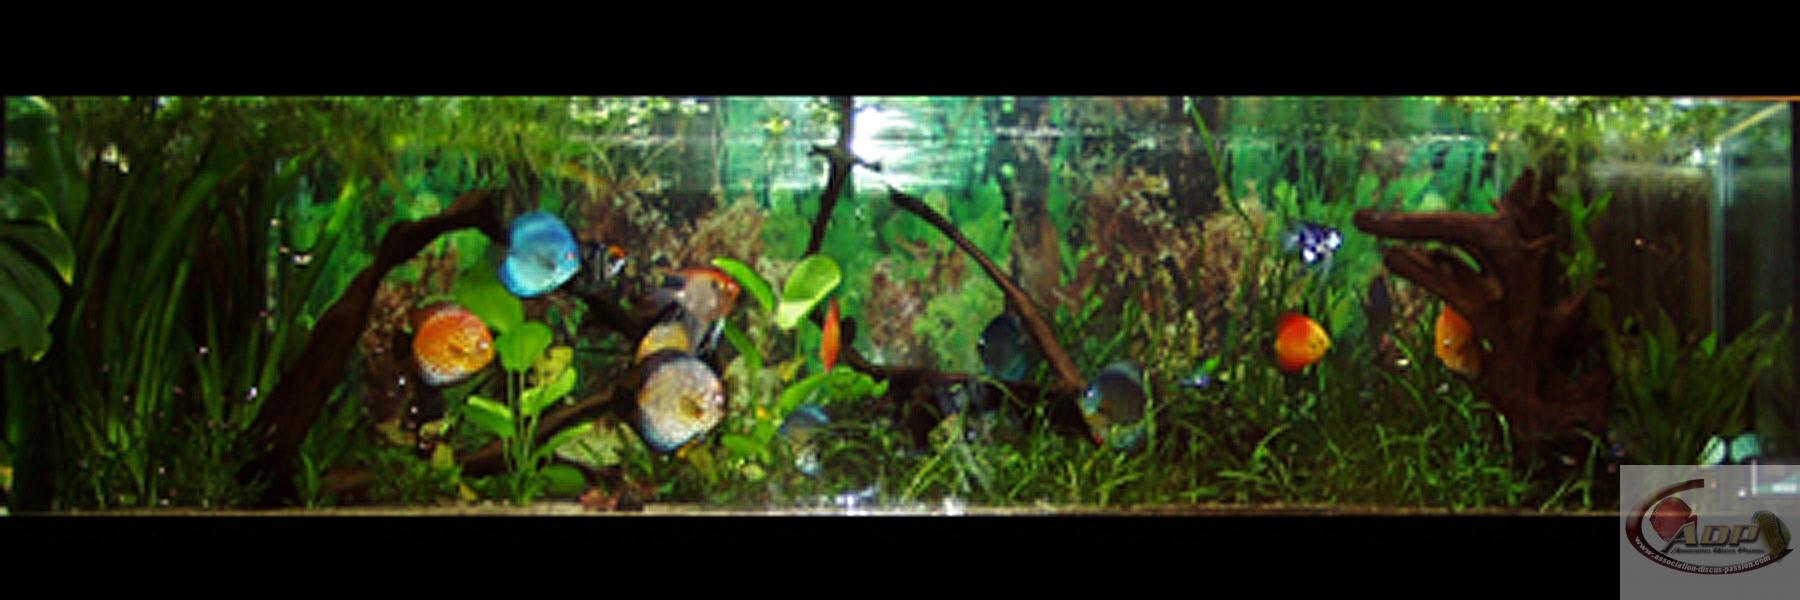 L'aquarium de Michel